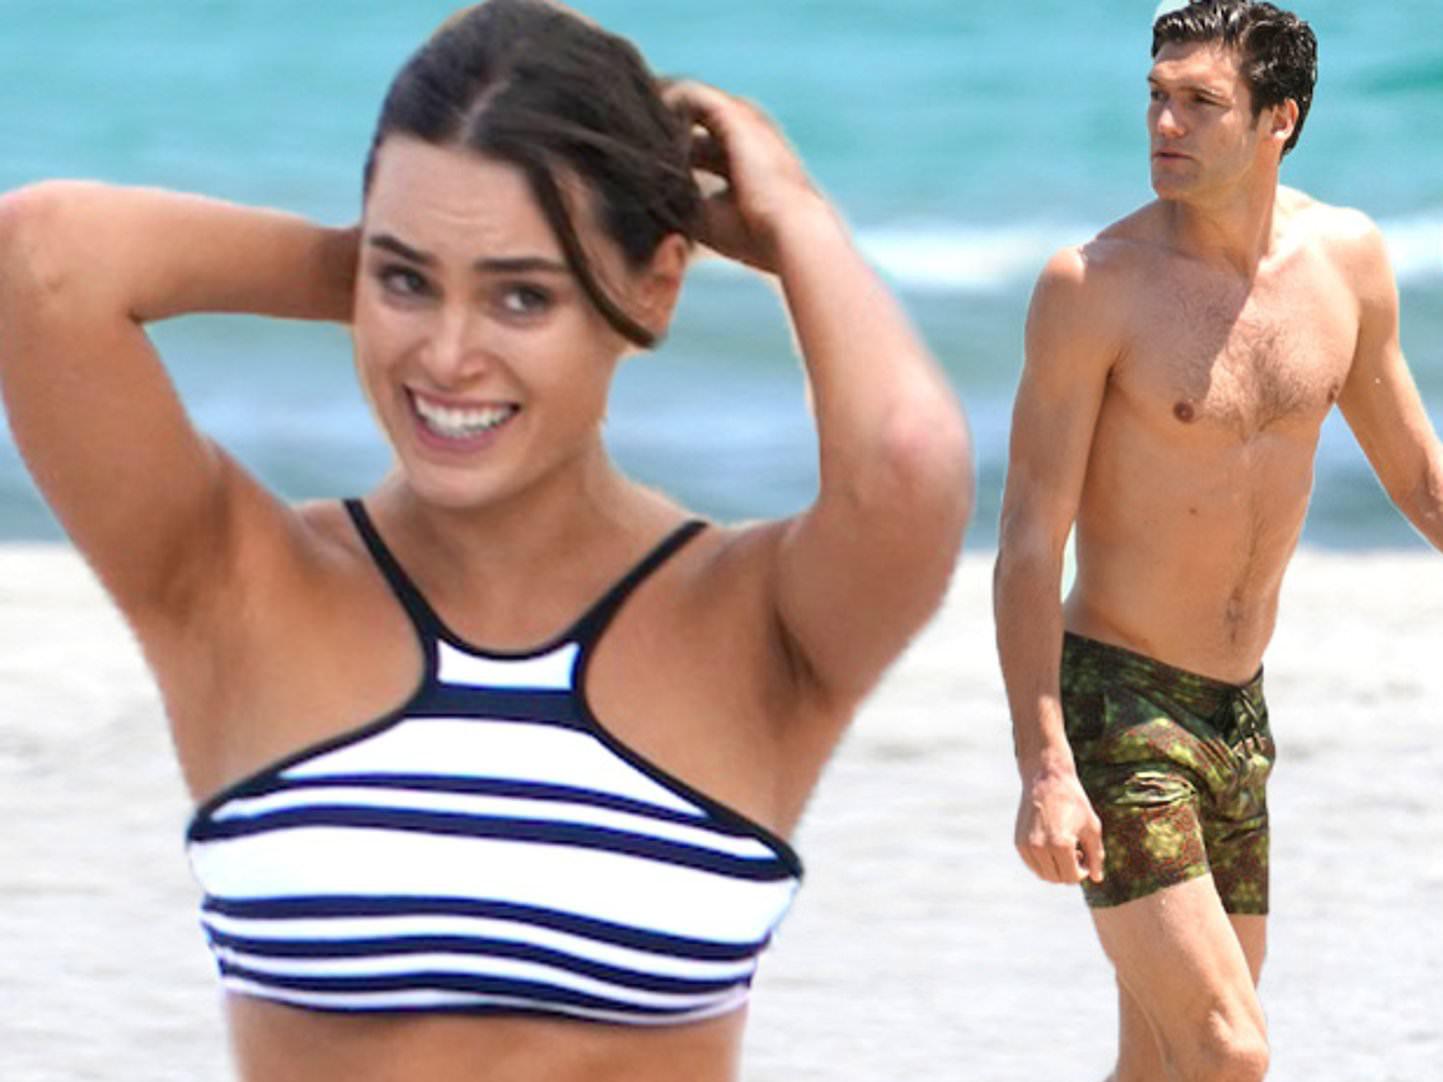 Bạn gái sao Chelsea khoe thân hình 'nóng bỏng mắt' khi tâng bóng trên bãi biển